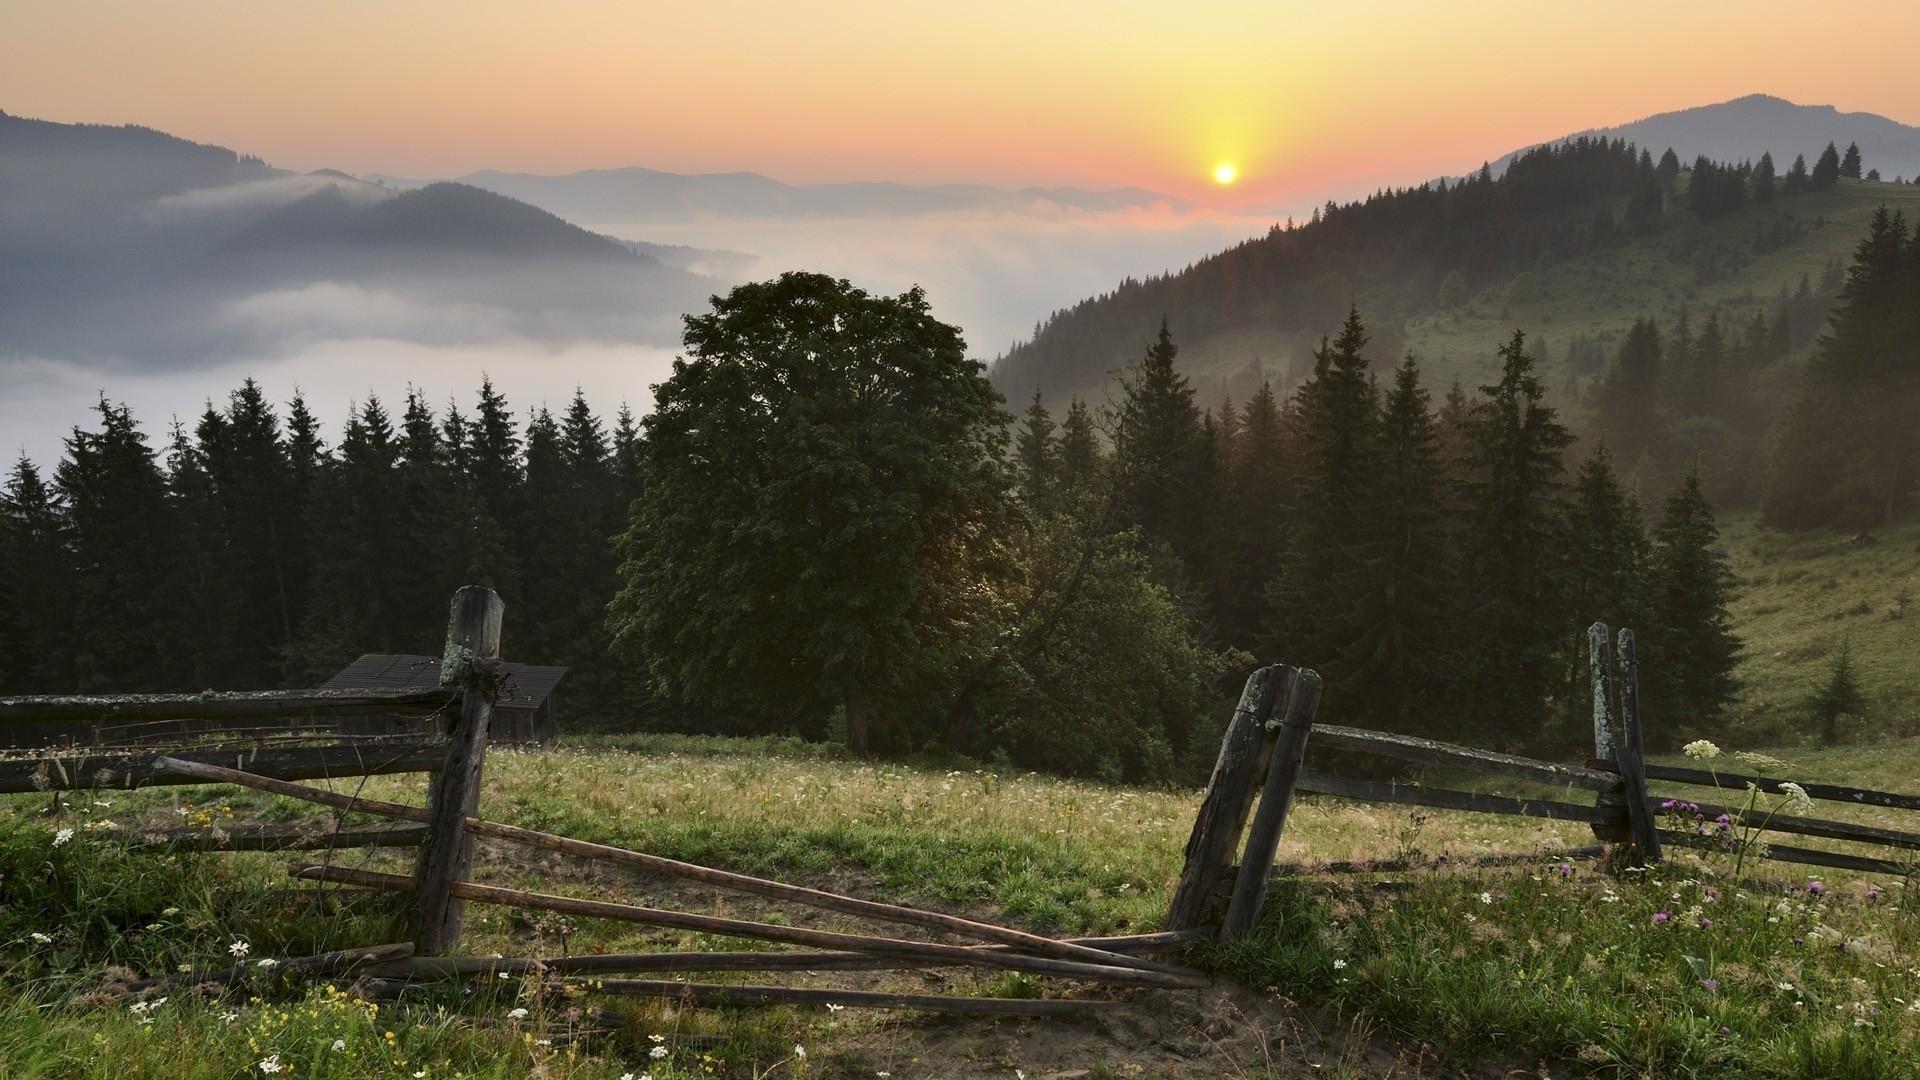 28534 скачать обои Пейзаж, Деревья, Горы - заставки и картинки бесплатно